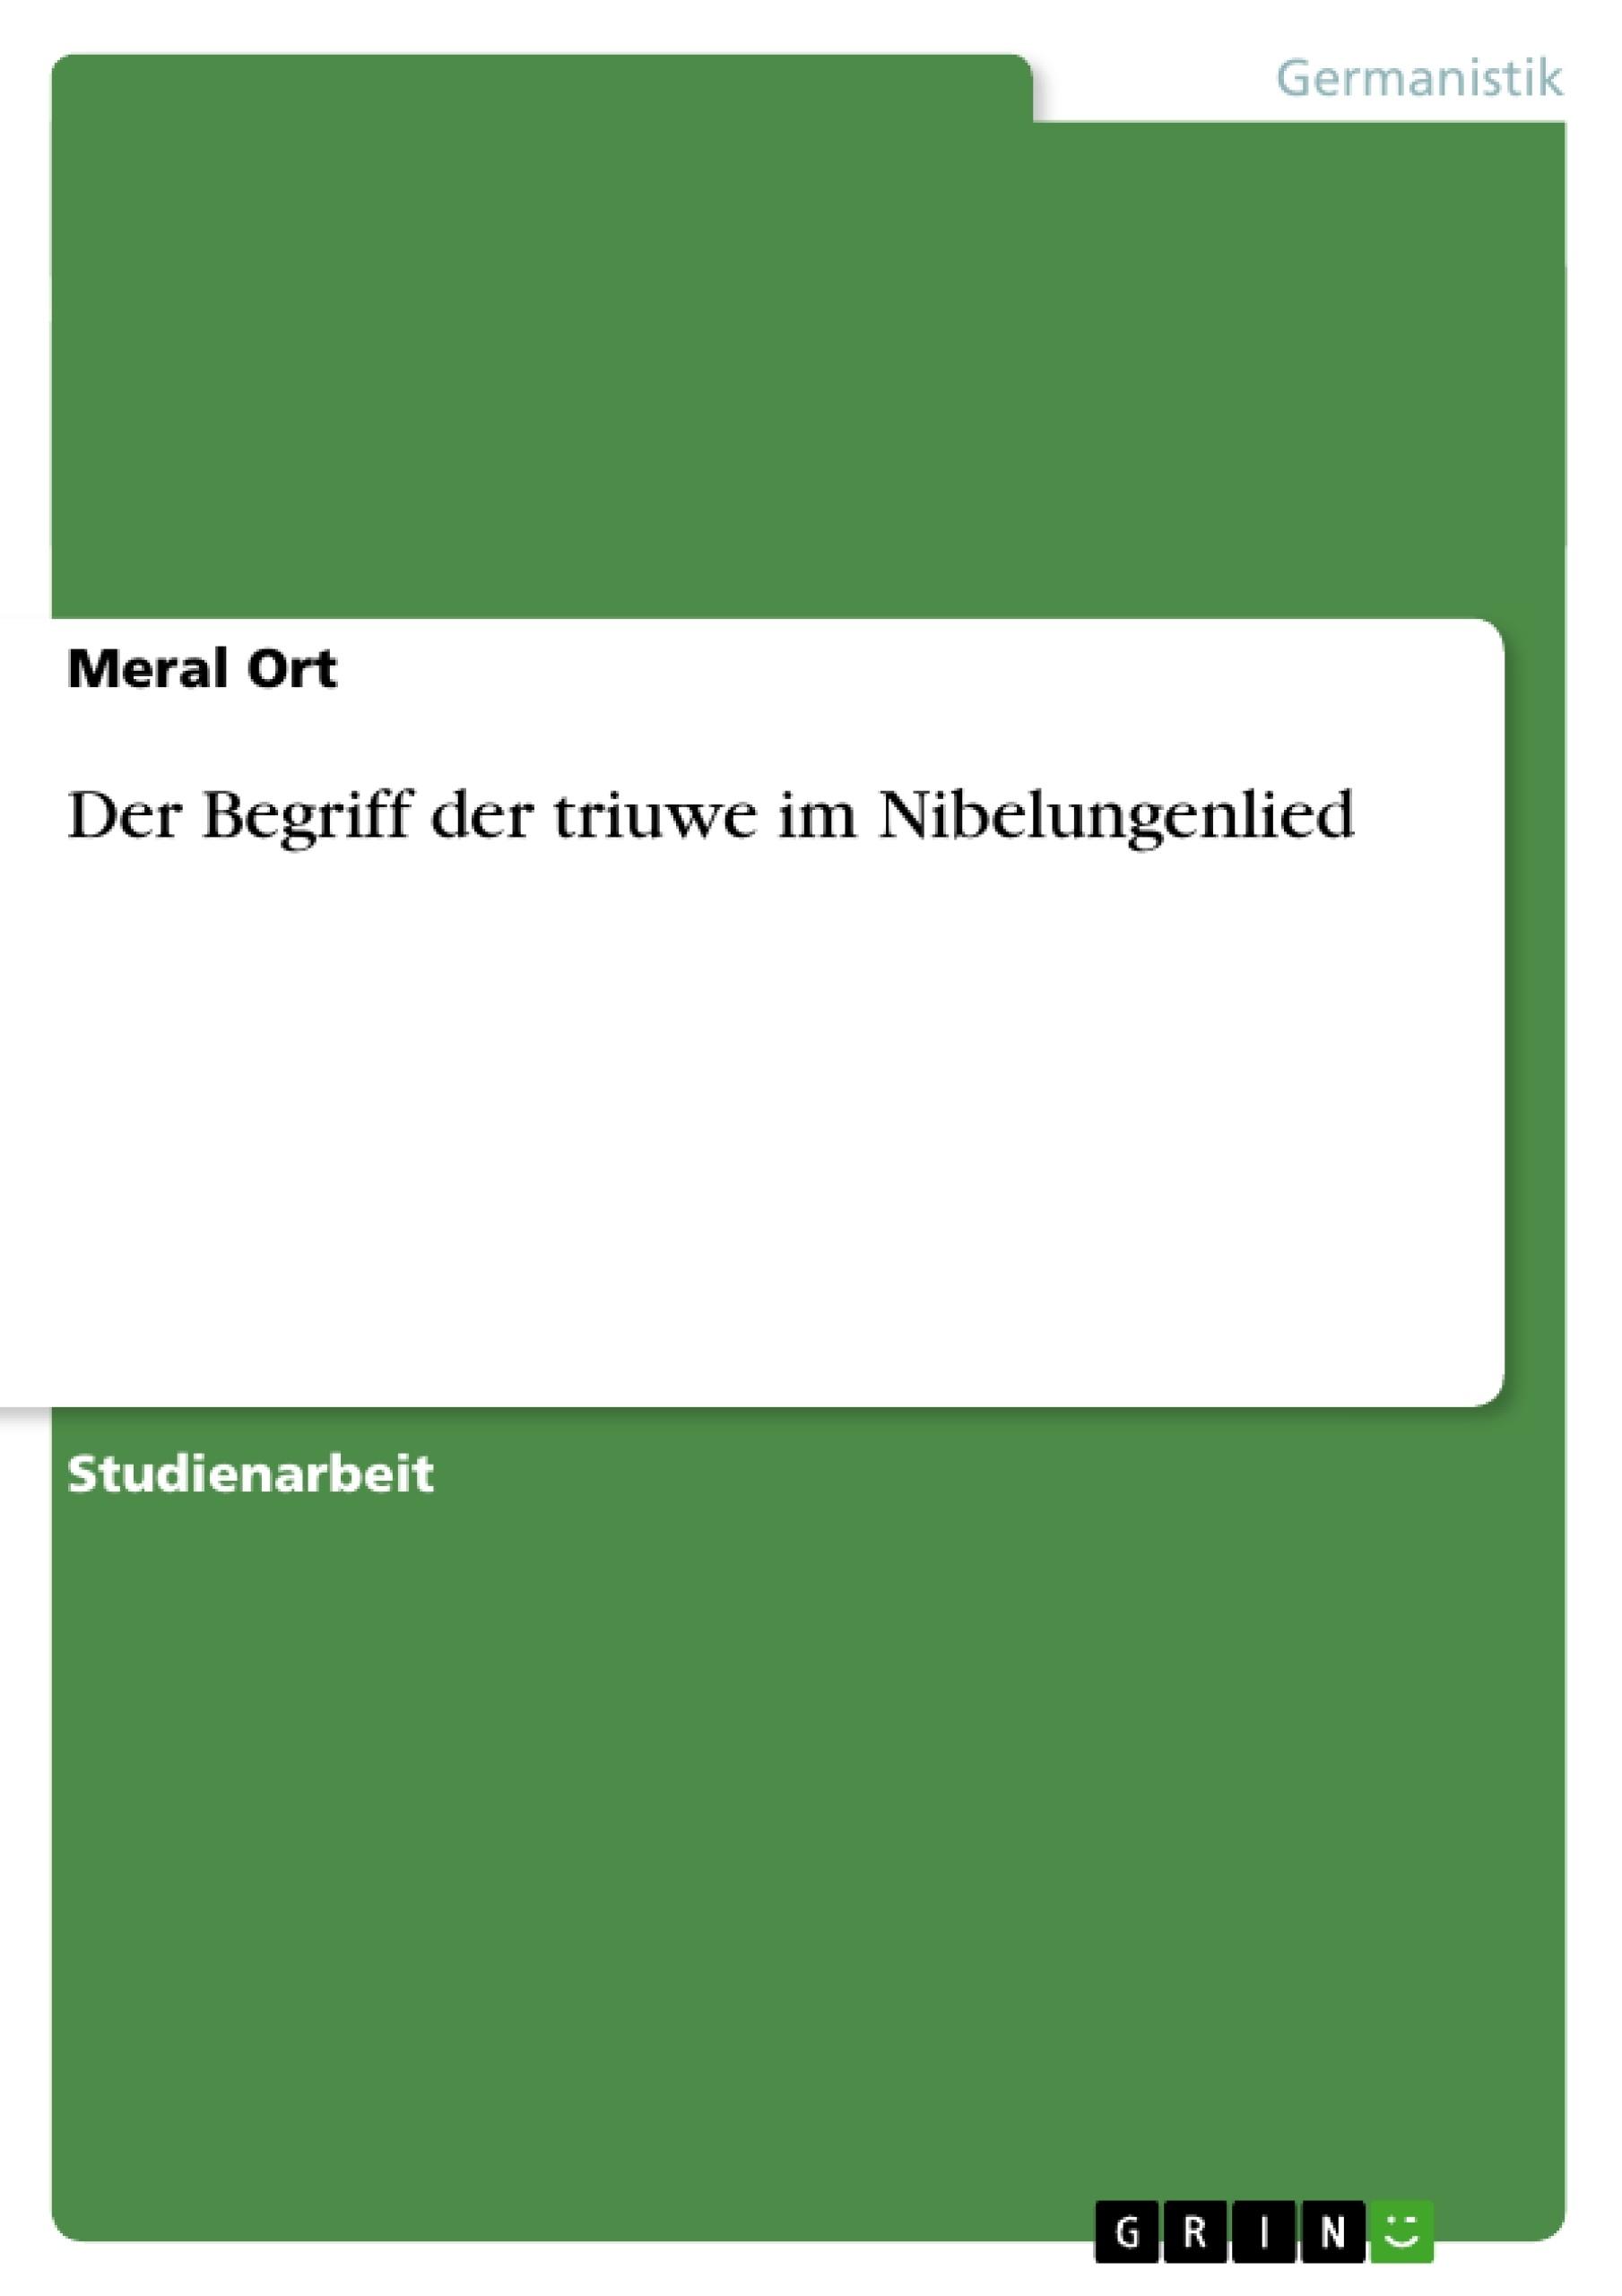 Titel: Der Begriff der triuwe im Nibelungenlied